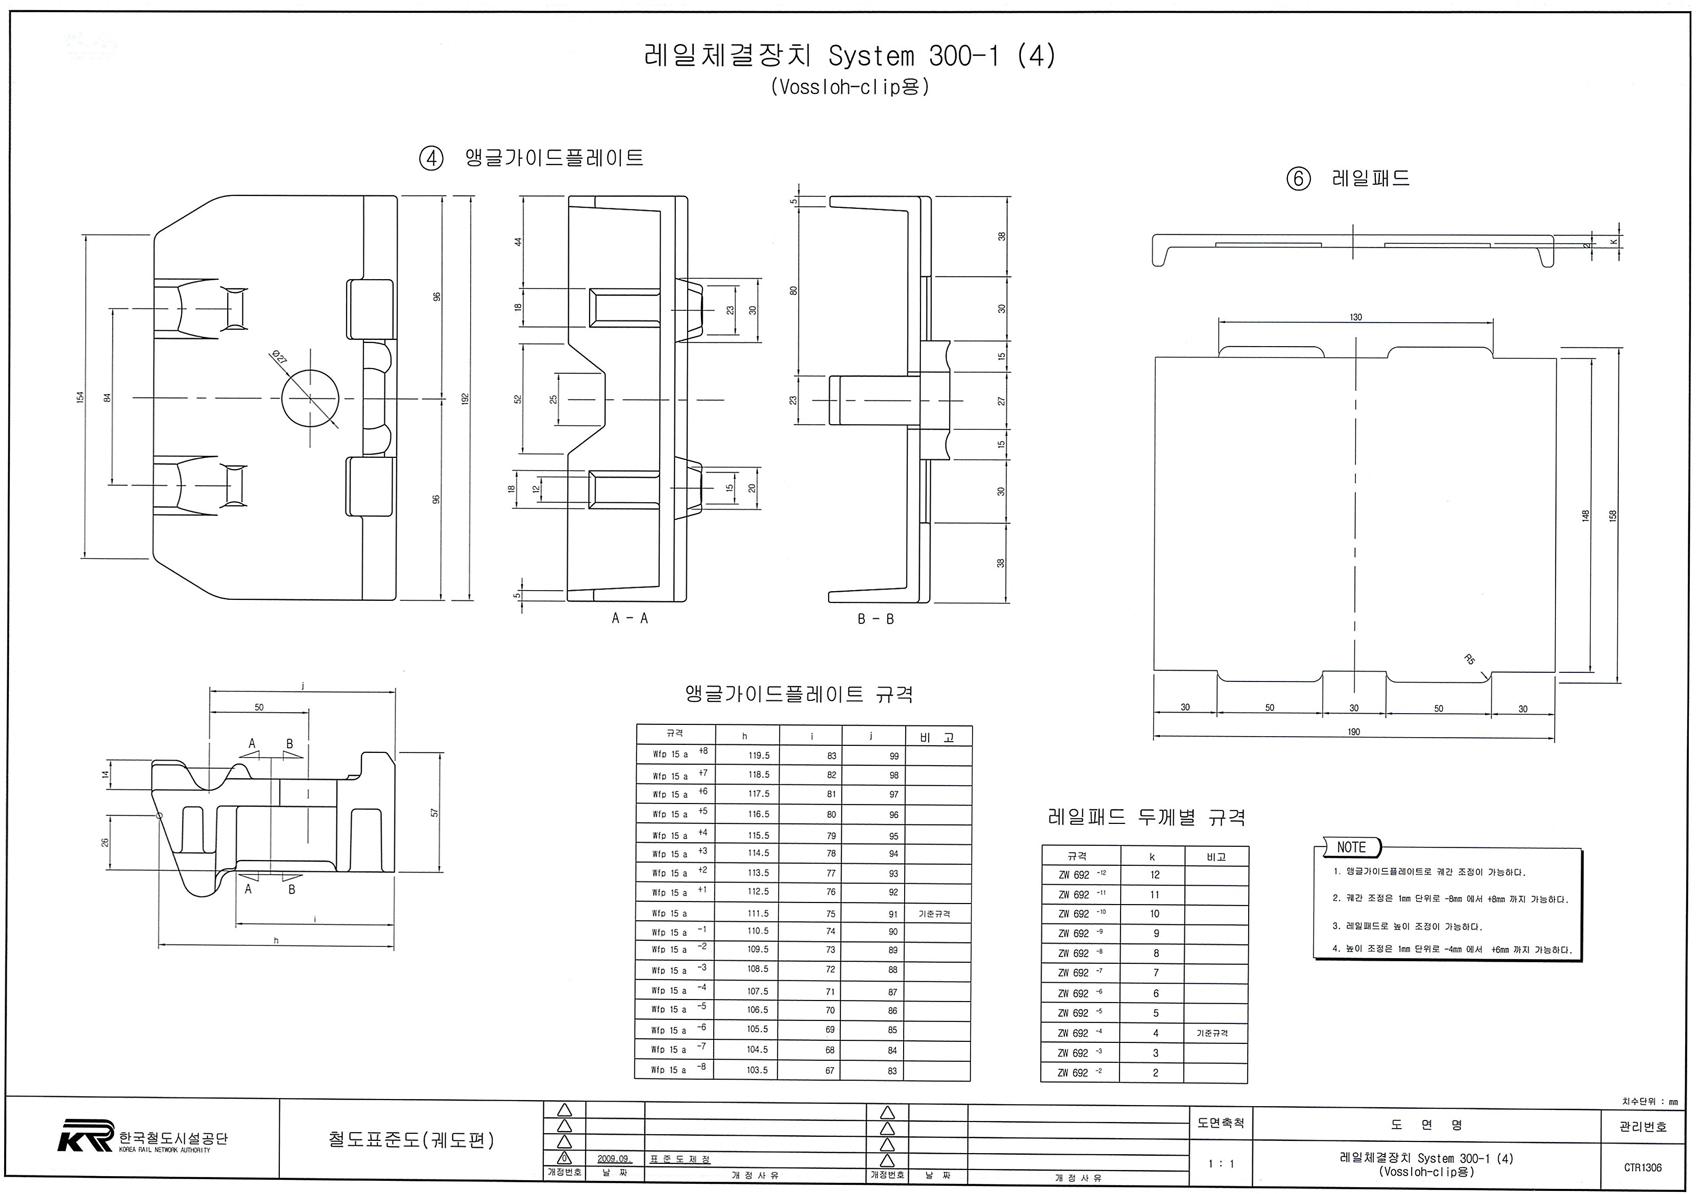 레일체결장치 System 300-1 (4) (Vossloh-clip용).jpg